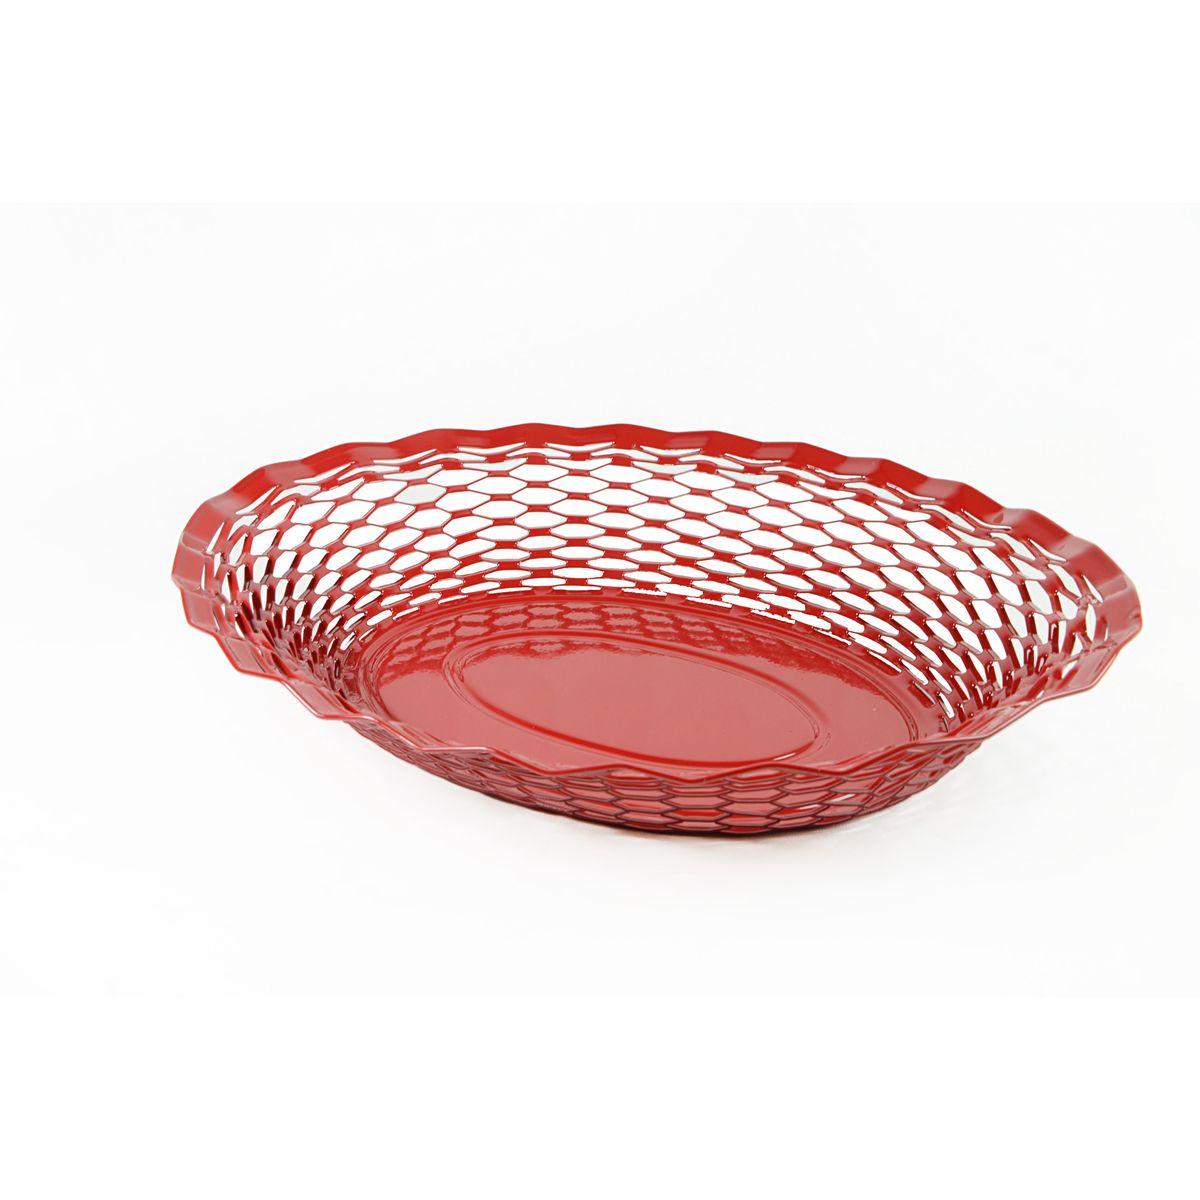 Corbeille à pain en inox rouge 30 x 24 cm - Roger Orfevre